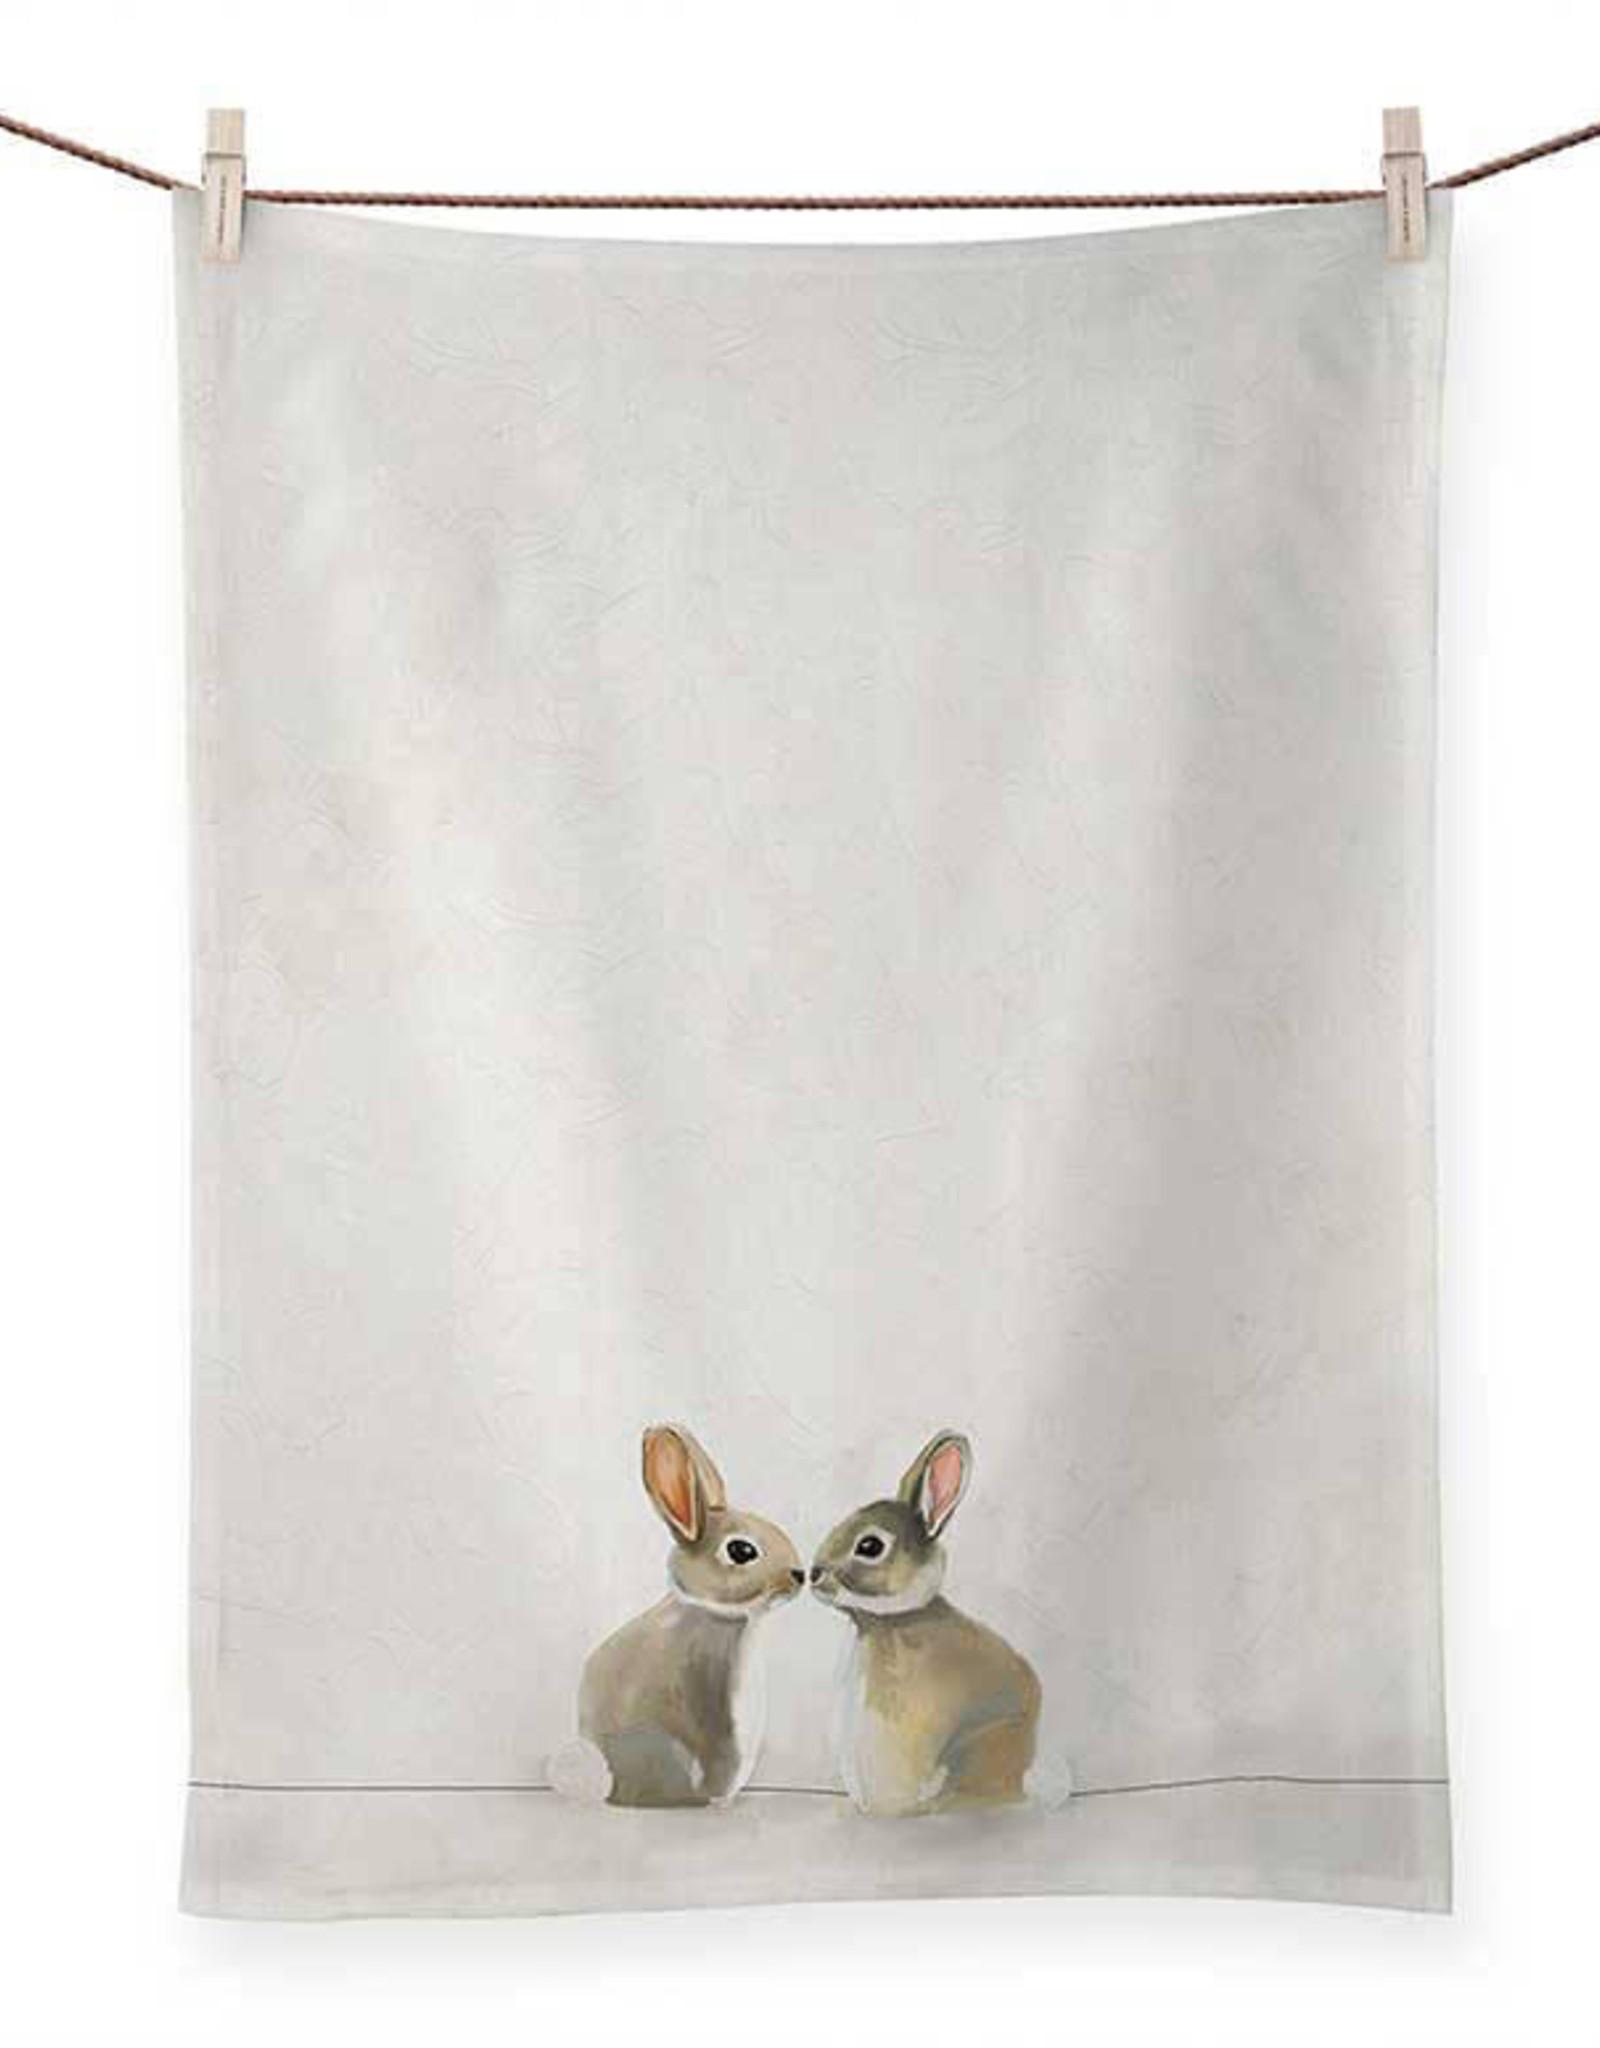 Greenbox Art Greenbox Baby Bunnies Tea Towel